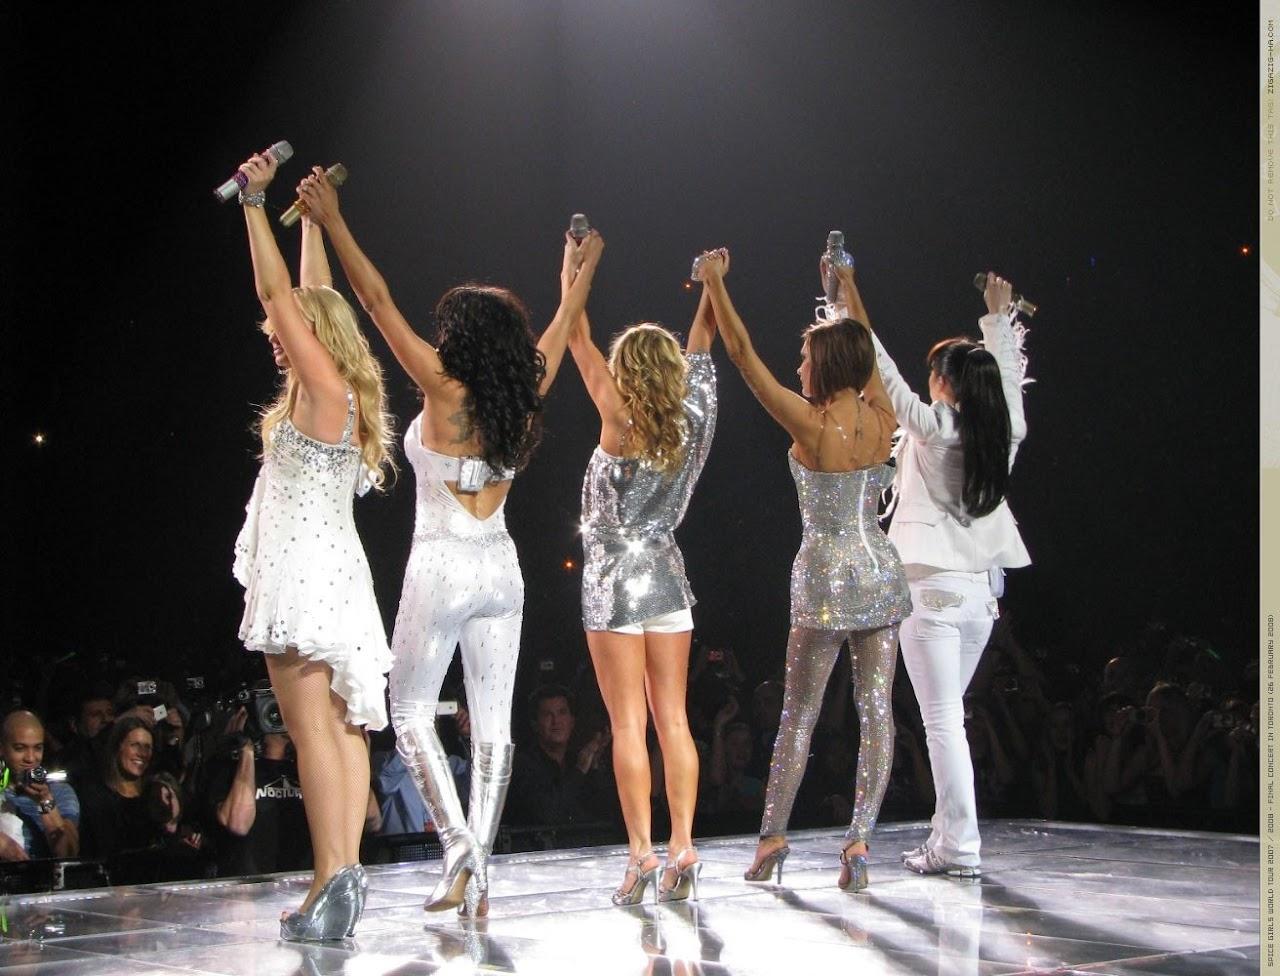 http://3.bp.blogspot.com/_oWMfnG1OP-I/TAU7V-B8IGI/AAAAAAAAFIY/eEoPZNHfw4I/s1600/1-006-006652-Spice-Girls.jpeg